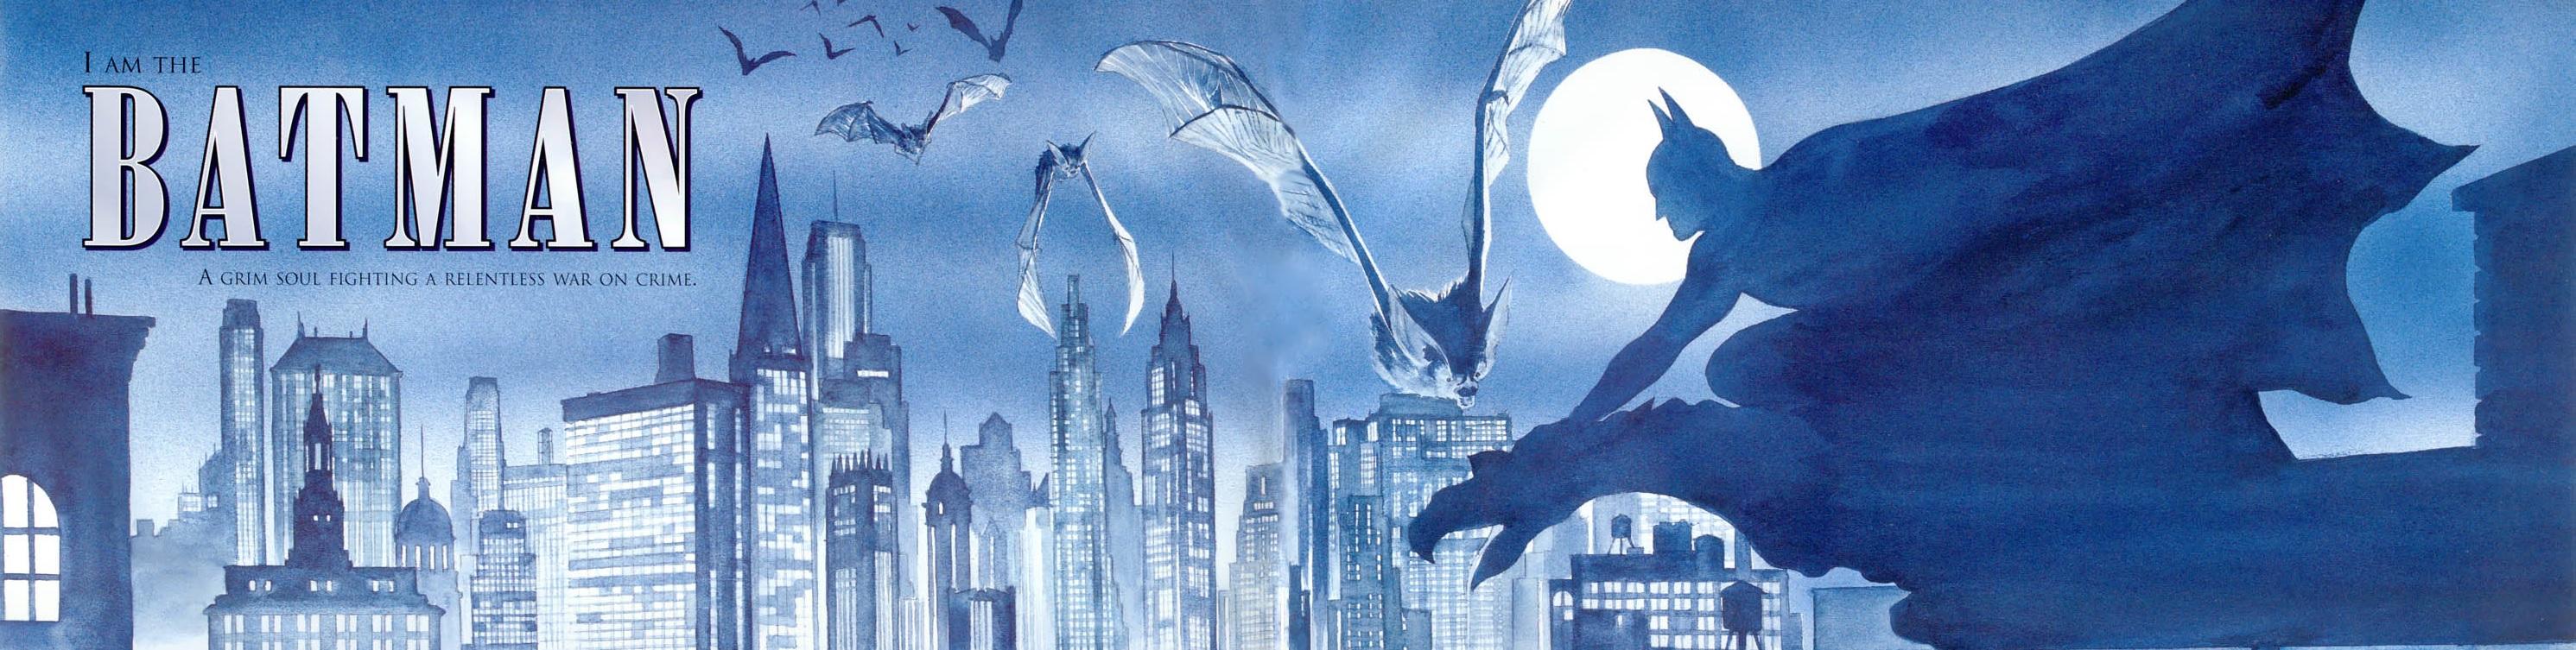 Képregény: Batman - Háború a bűn ellen (War on Crime)